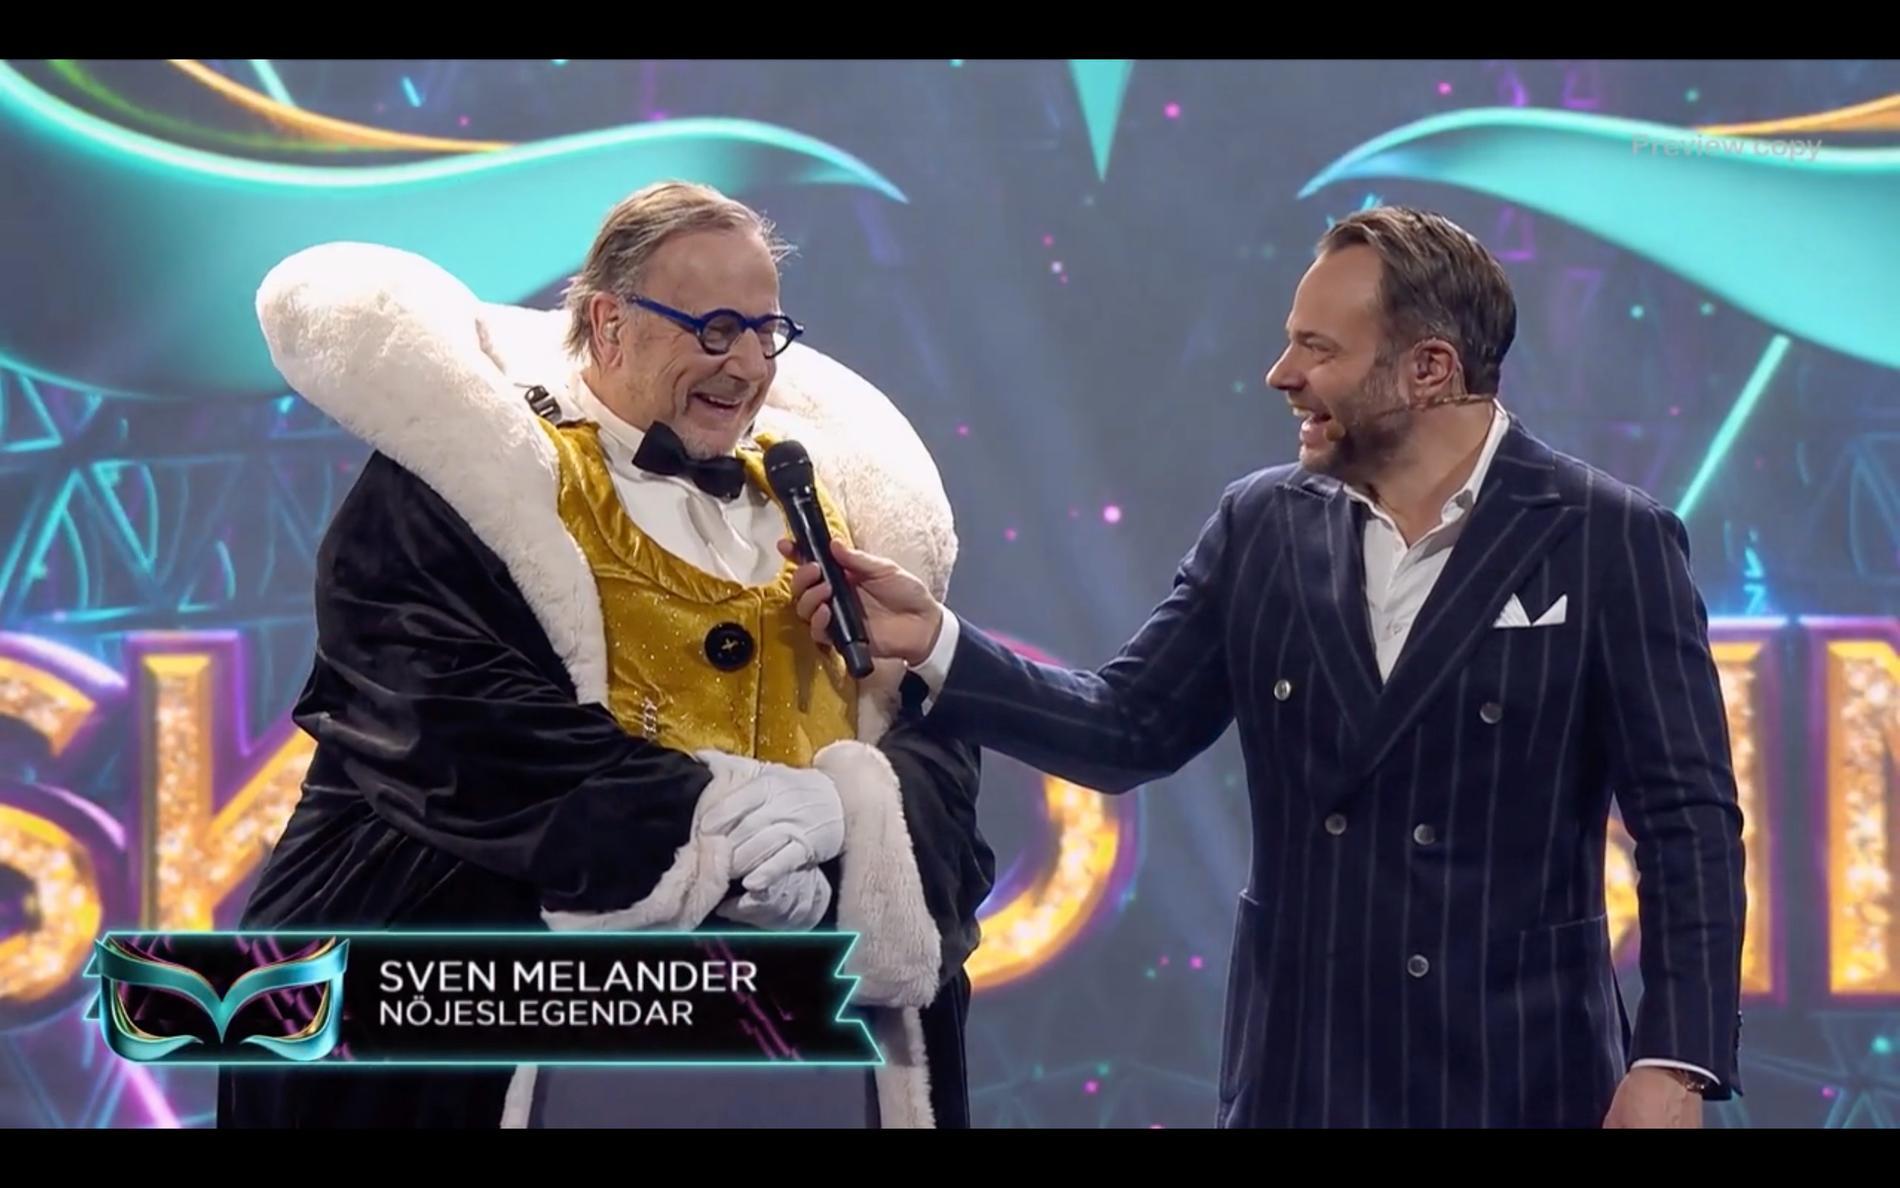 Sven Melander doldes under Pingvinens mask